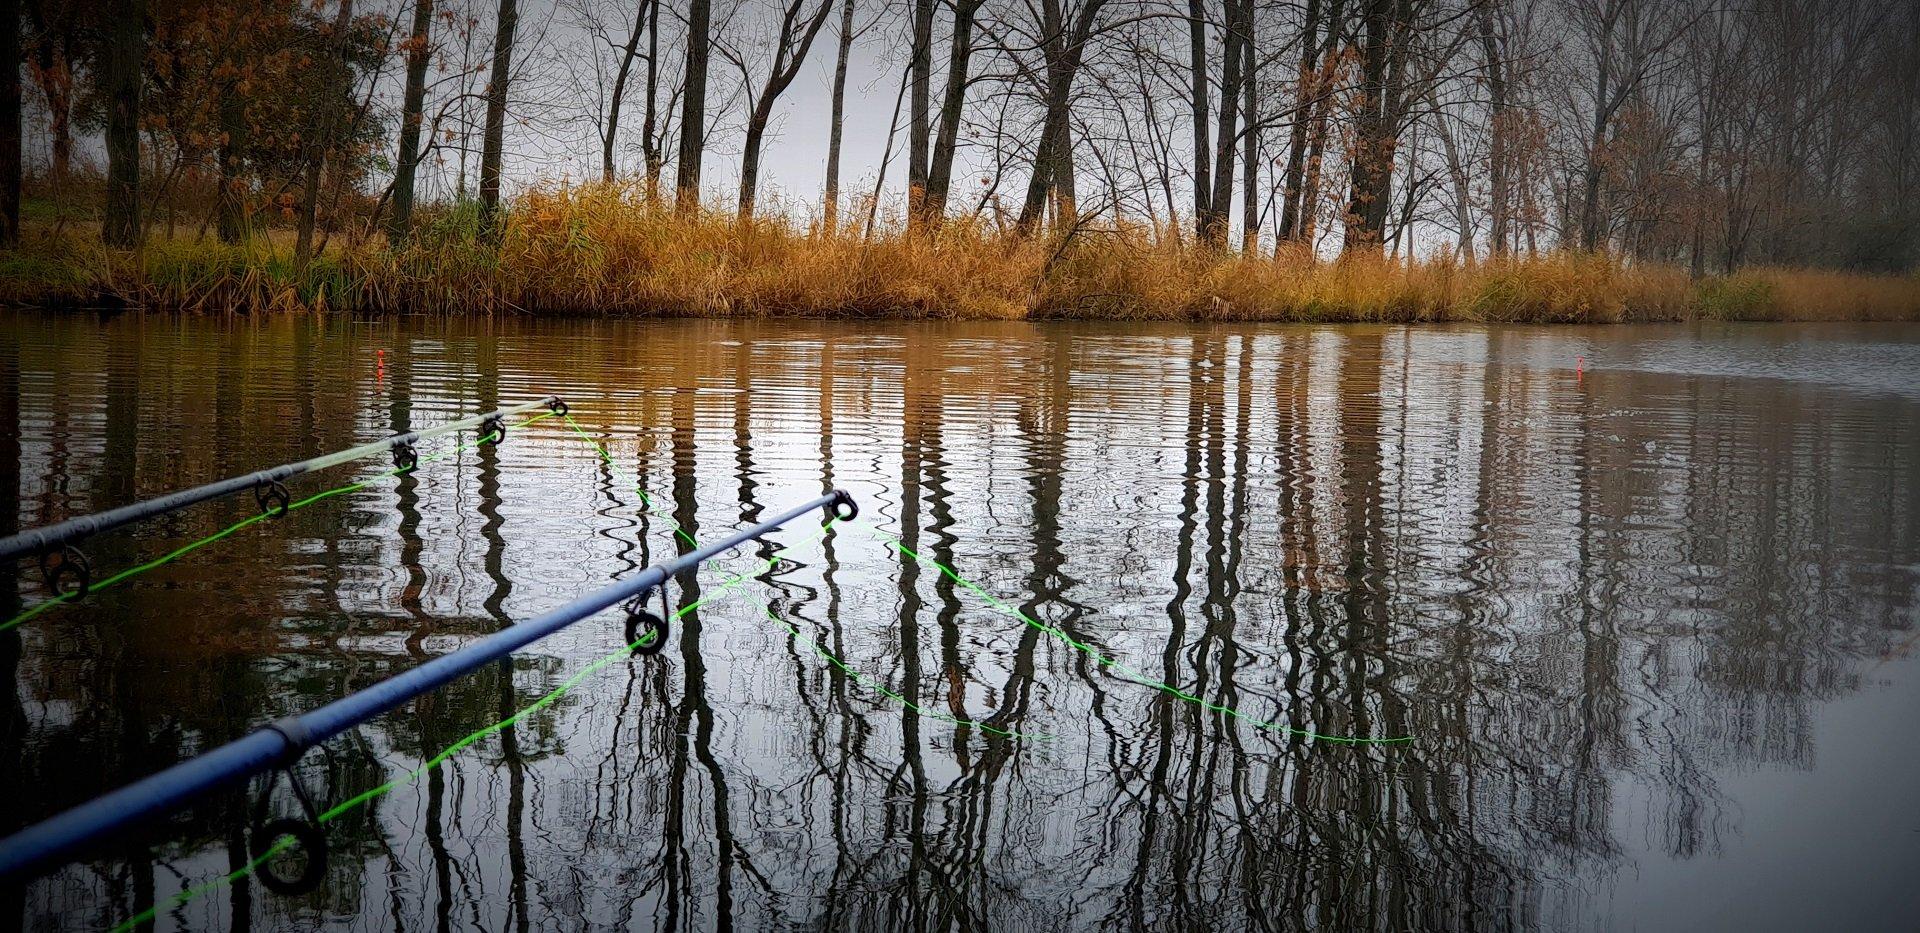 Amint az eső és a szél alábbhagyott, a nyílt vizet vettem célba, és rövidesen felgyorsultak az események…